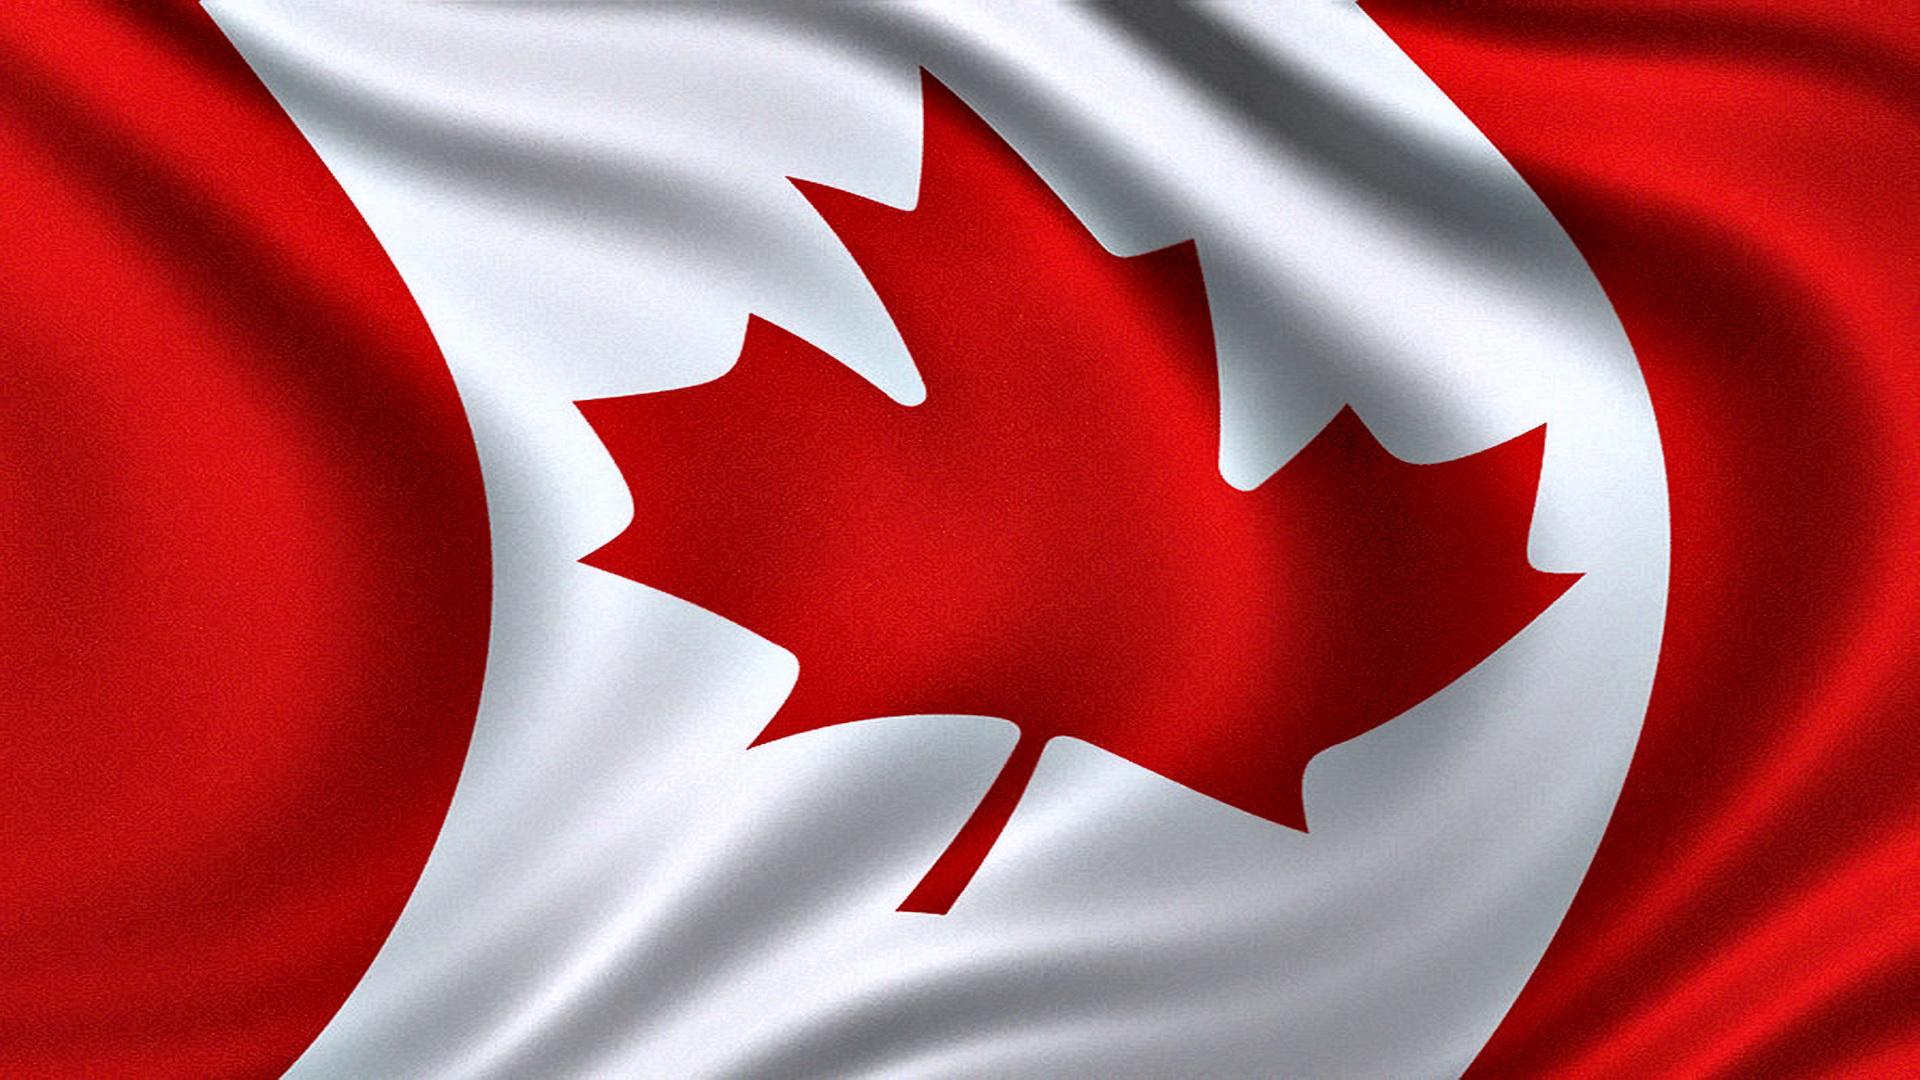 Консульская легализация для Канады - СПРАВКА ИНФОРМ | SpravkaInform.com.ua